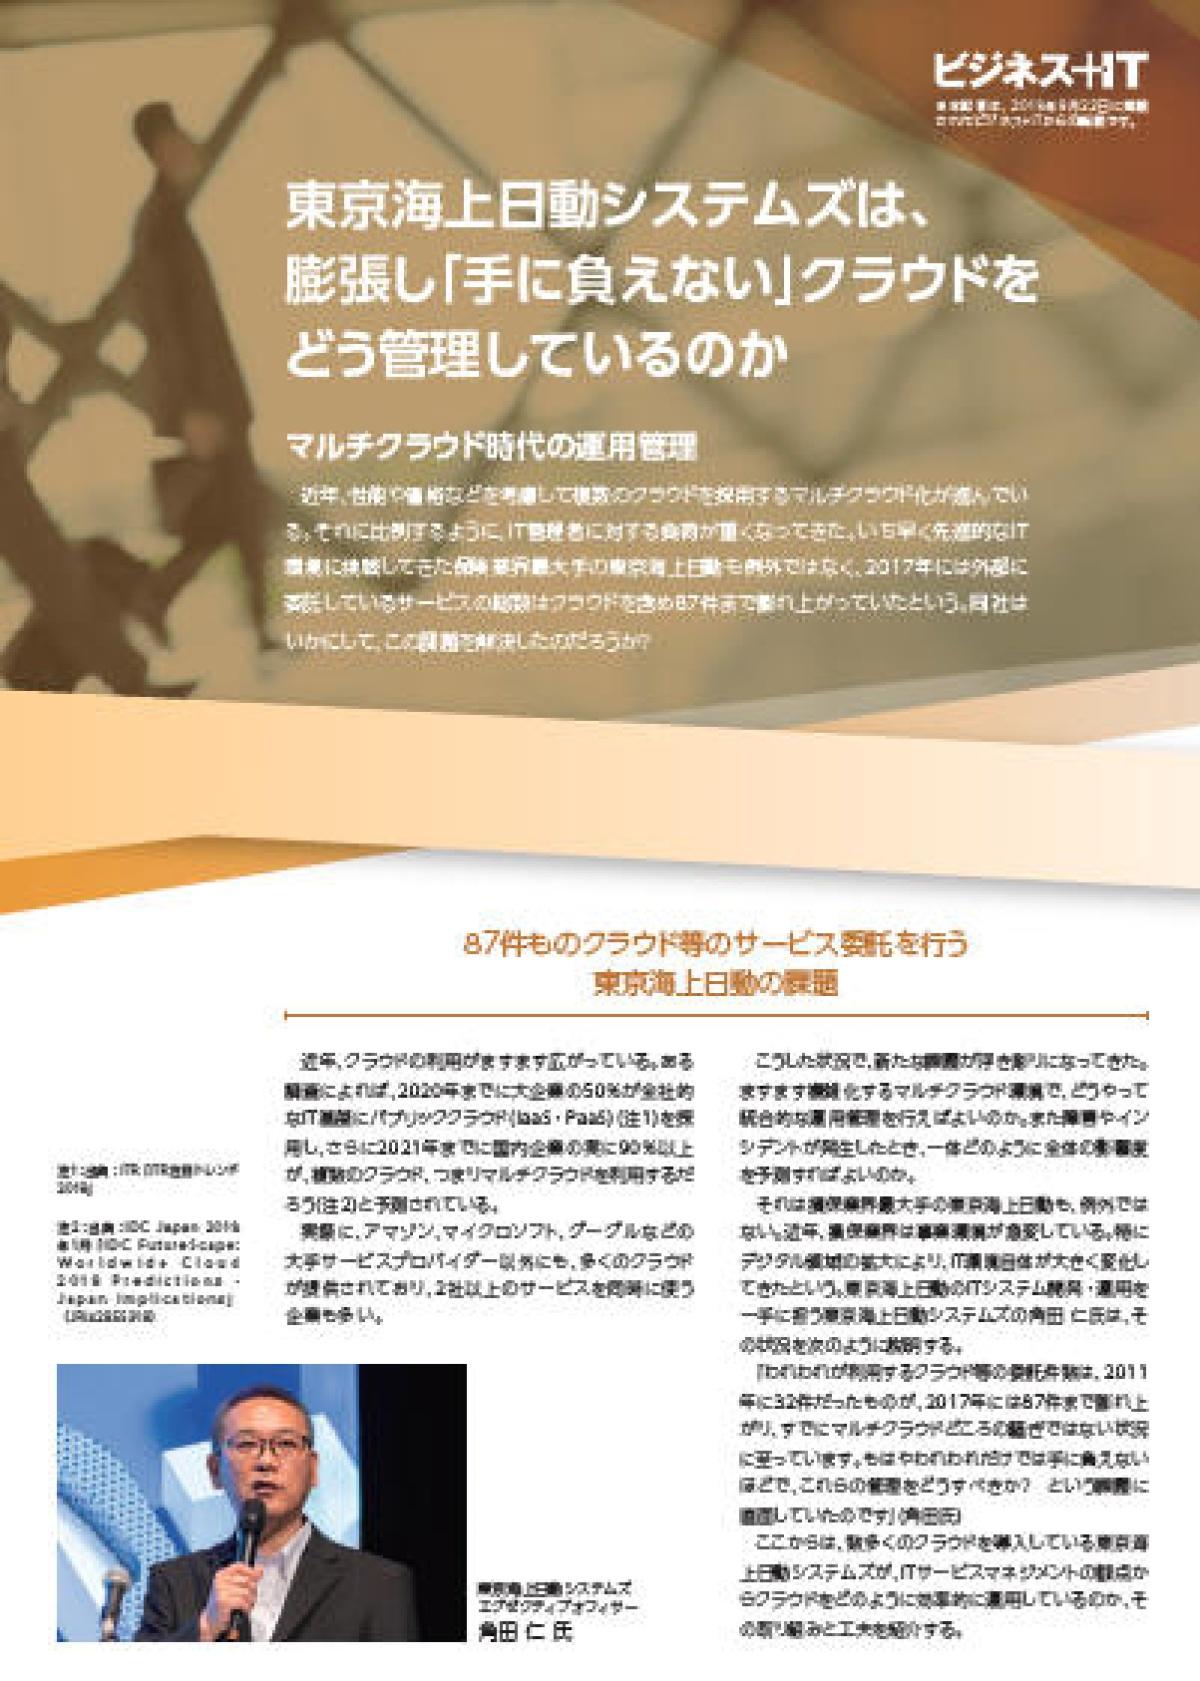 【事例】東京海上日動システムズは「膨張した」マルチクラウドをどう管理?